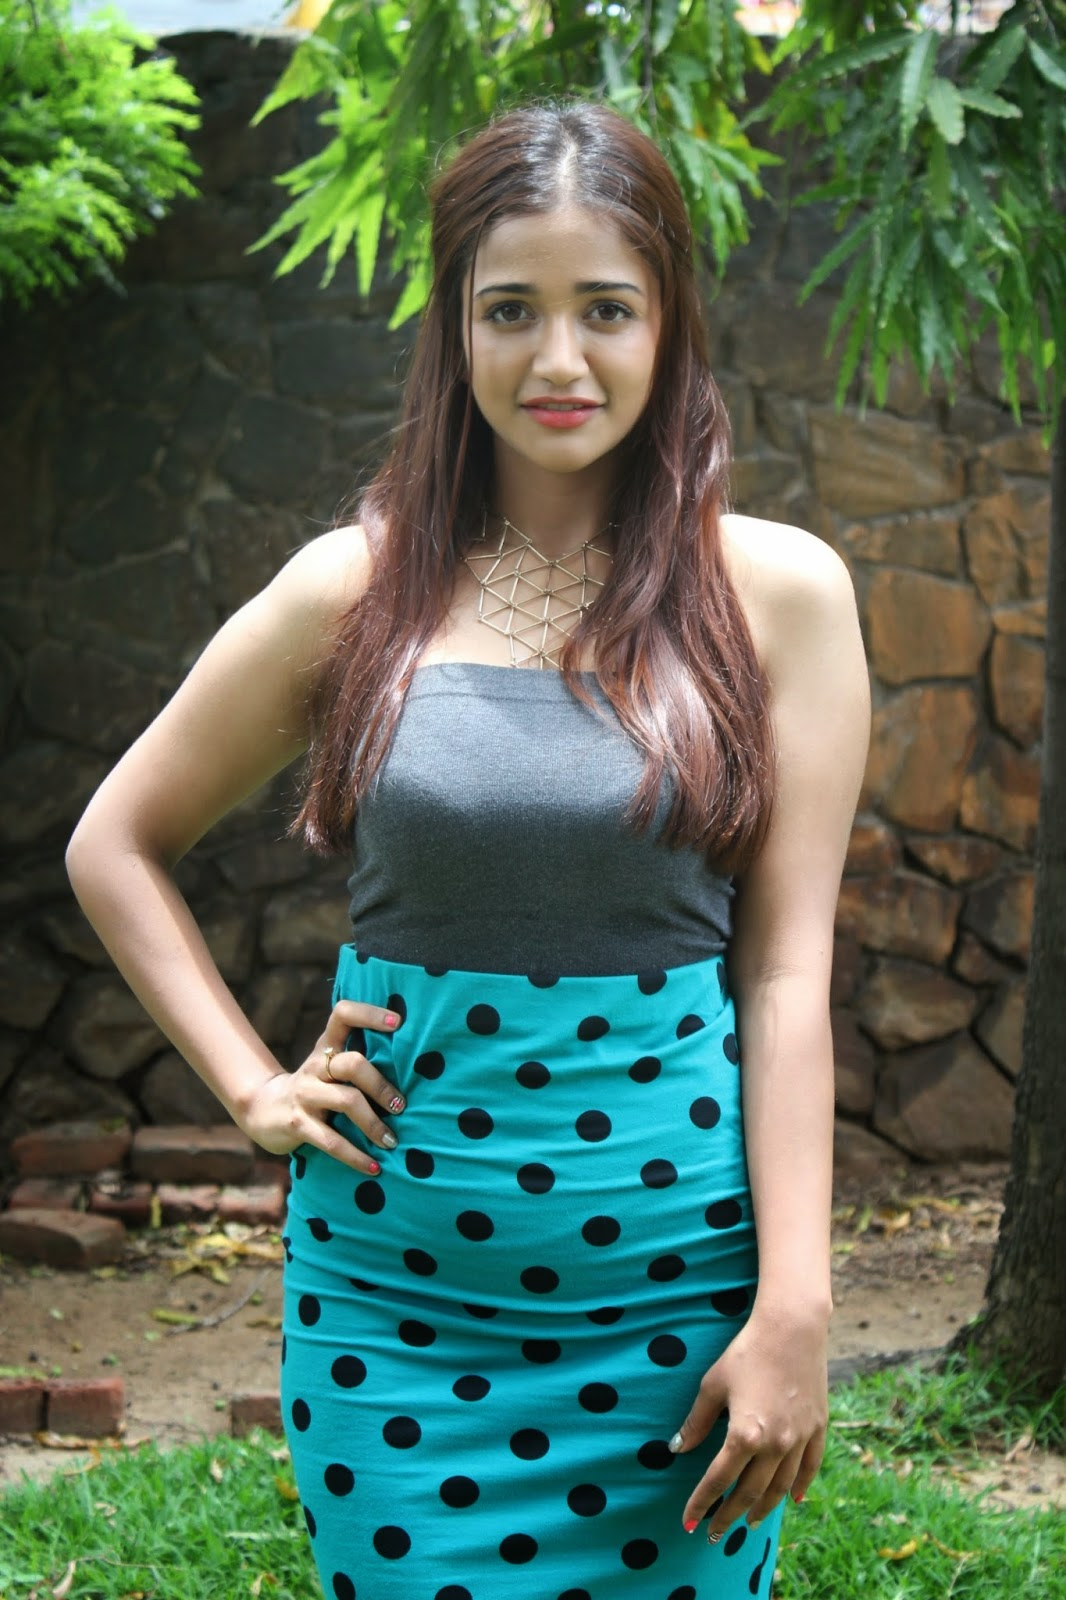 Anaika Soti glamour pics